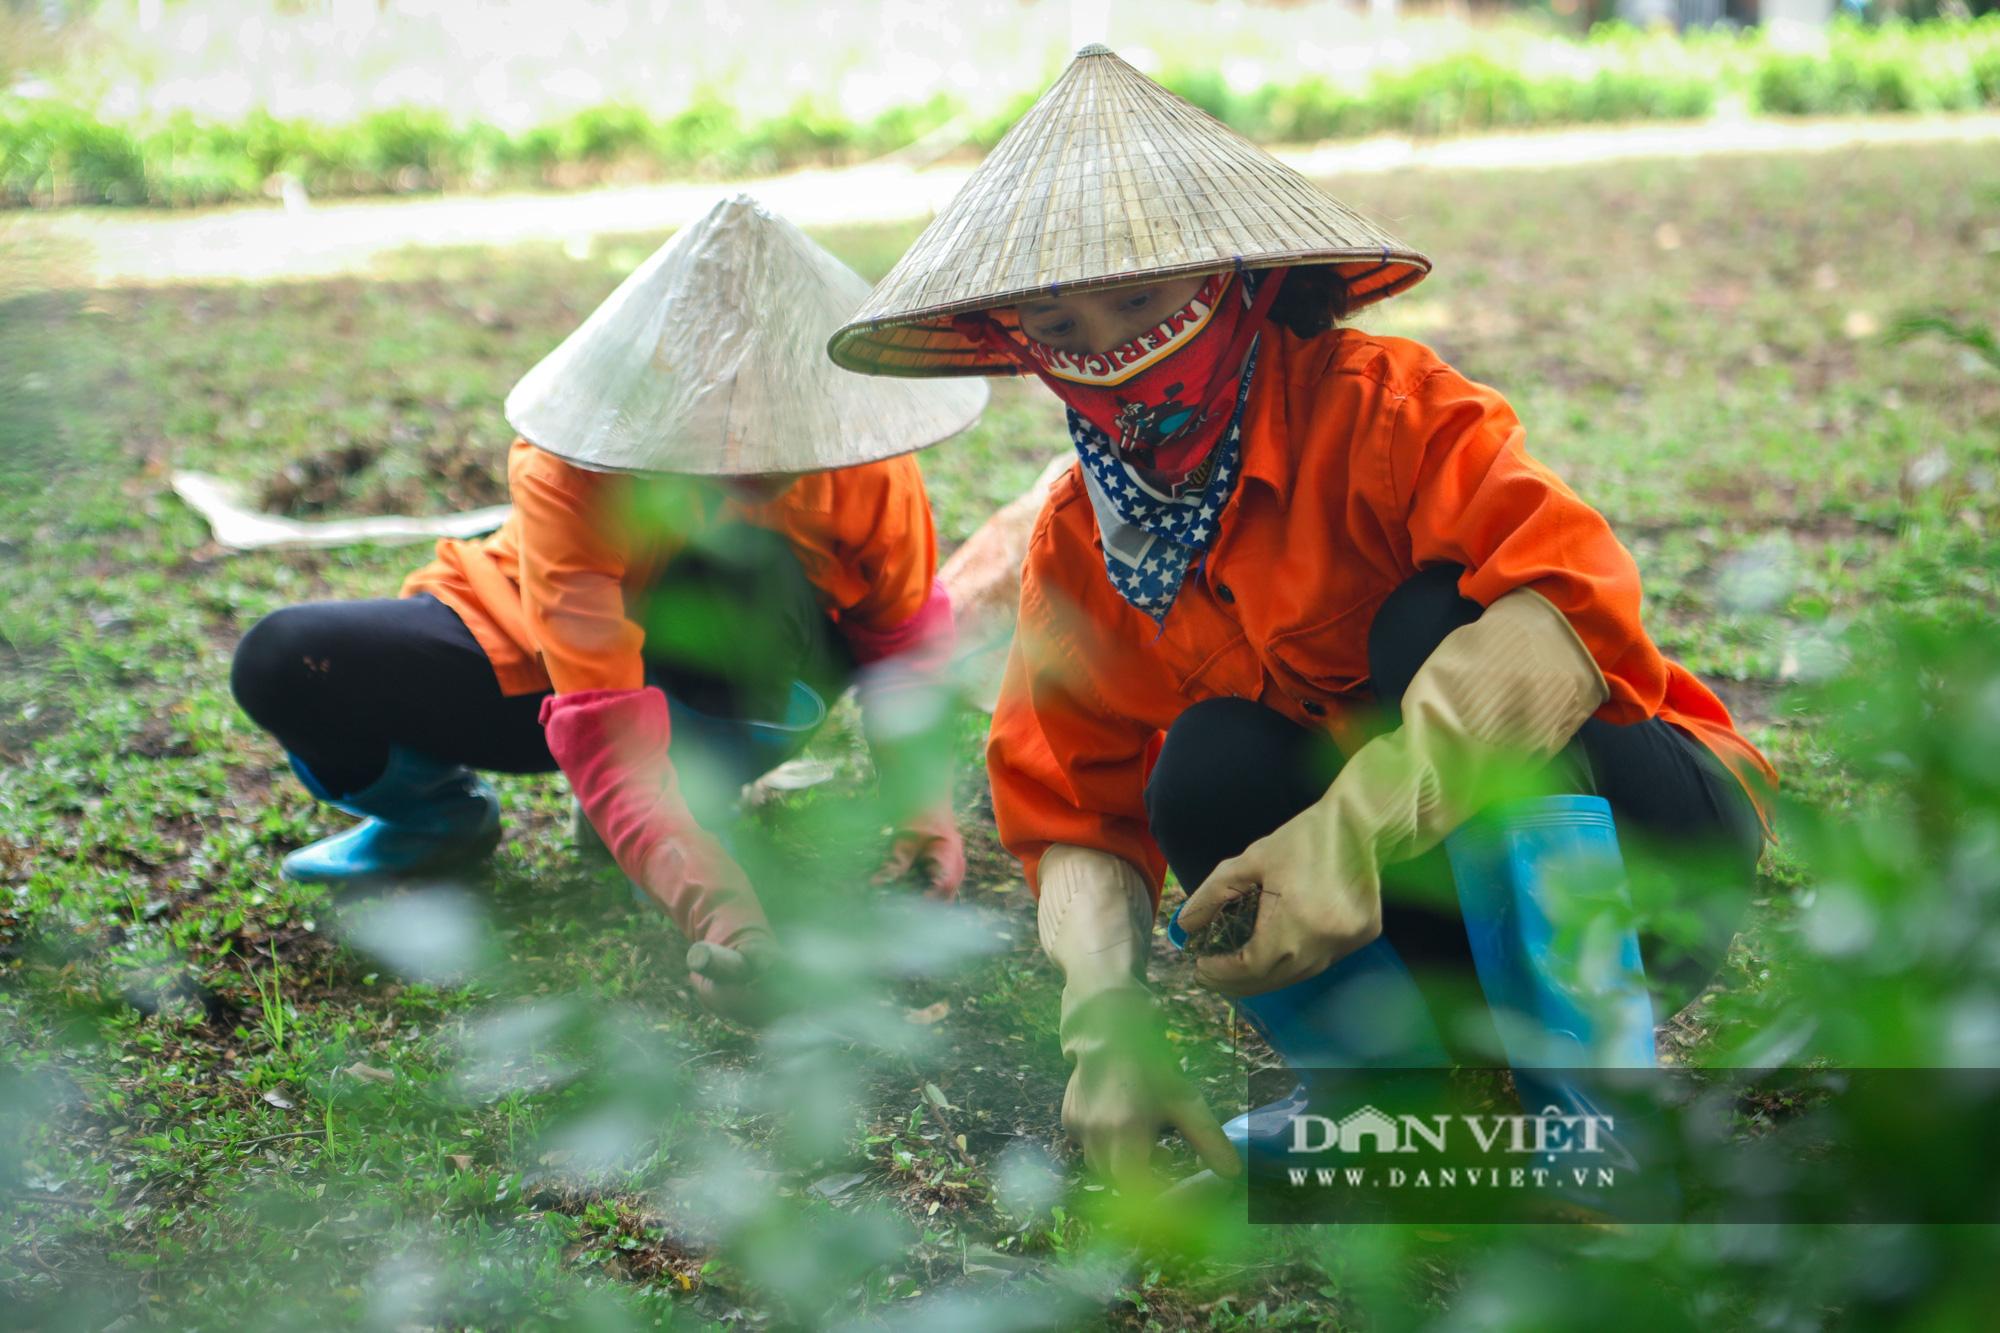 Chiêm ngưỡng vườn hoa mới đẹp ngỡ ngàng bên bờ hồ Hoàn Kiếm  - Ảnh 10.